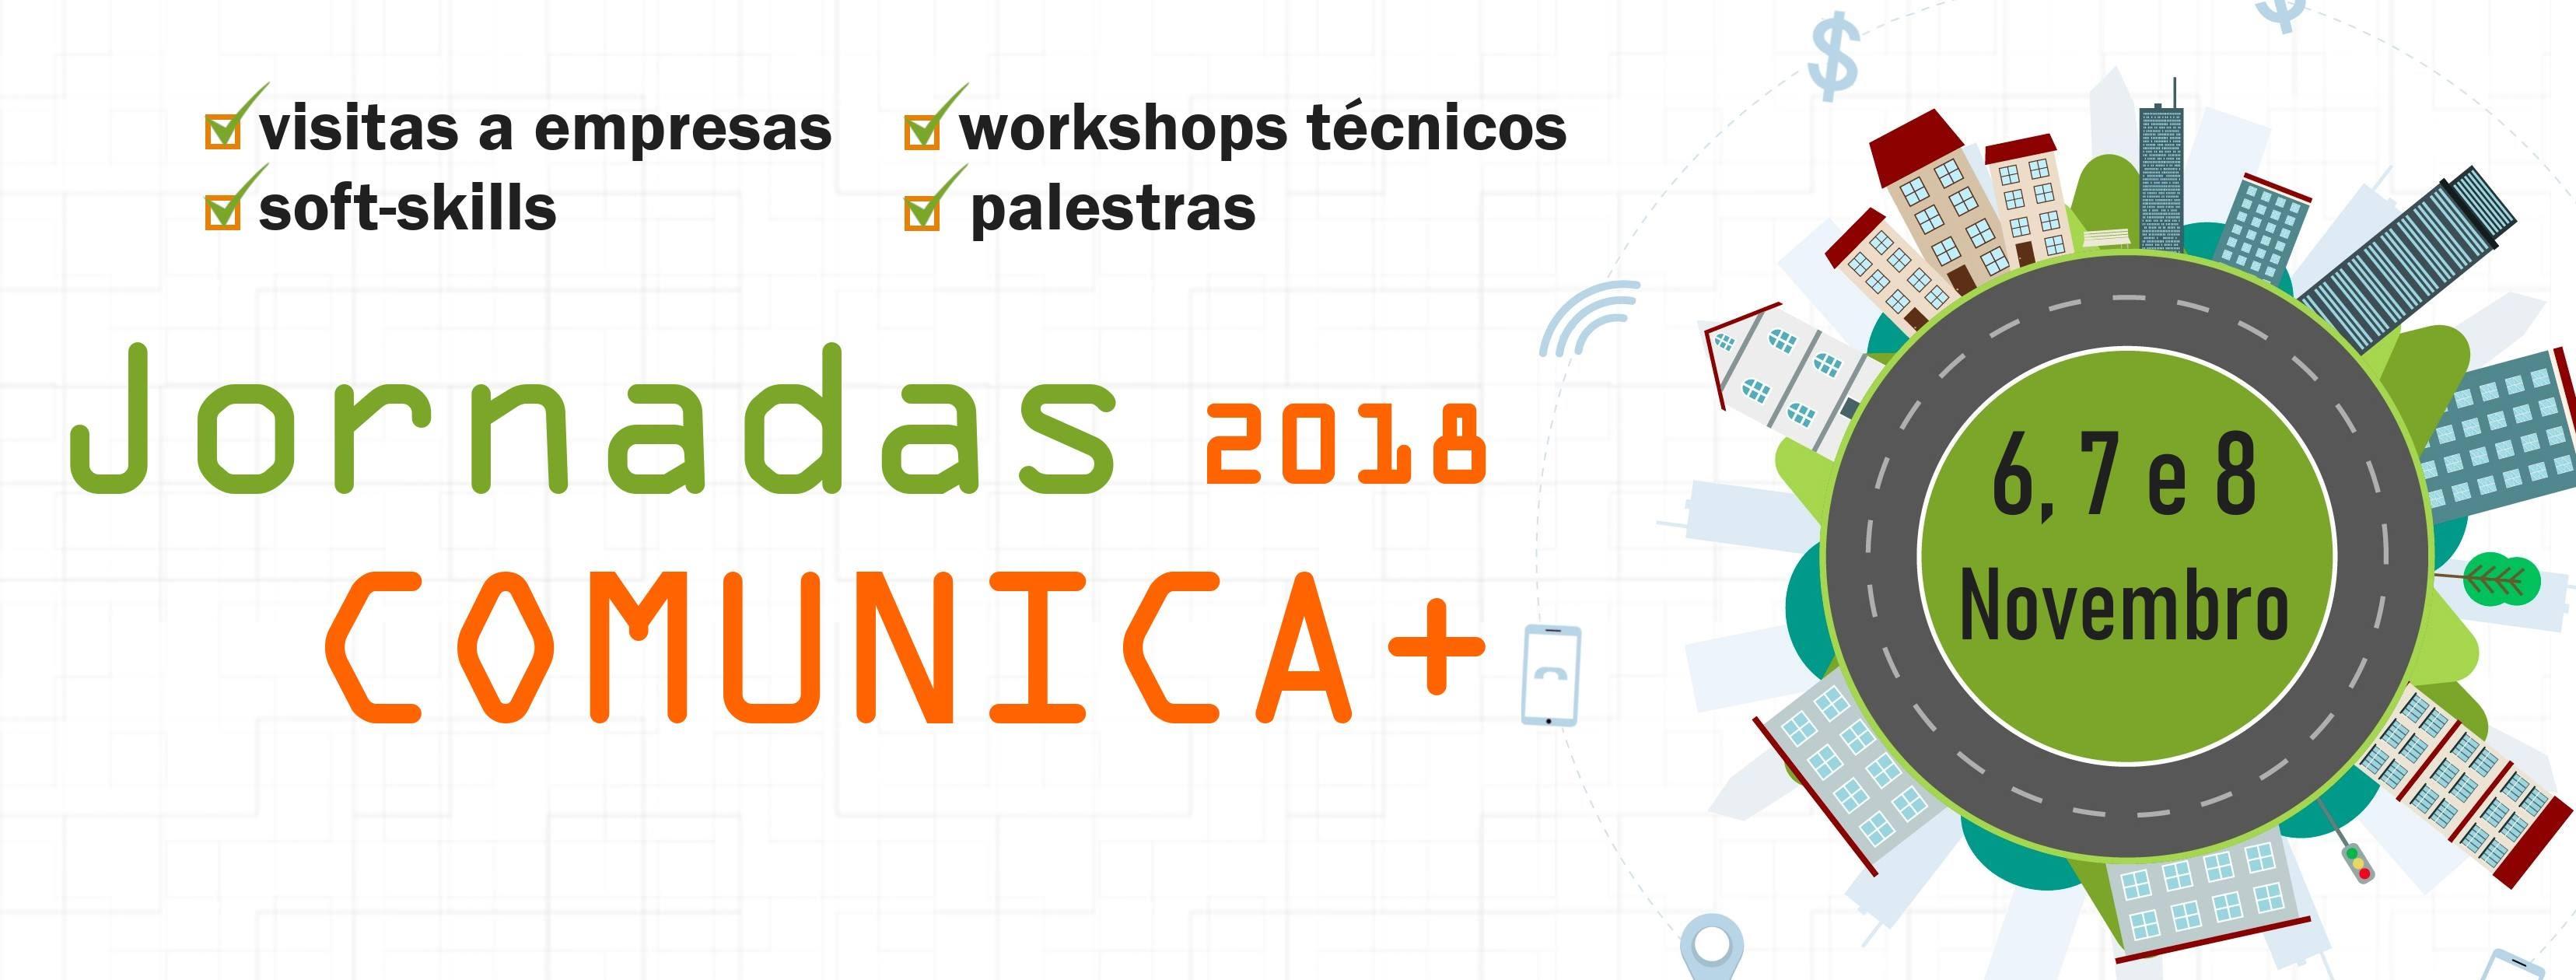 Jornadas Comunica+ 2018 - MIETI - UMinho